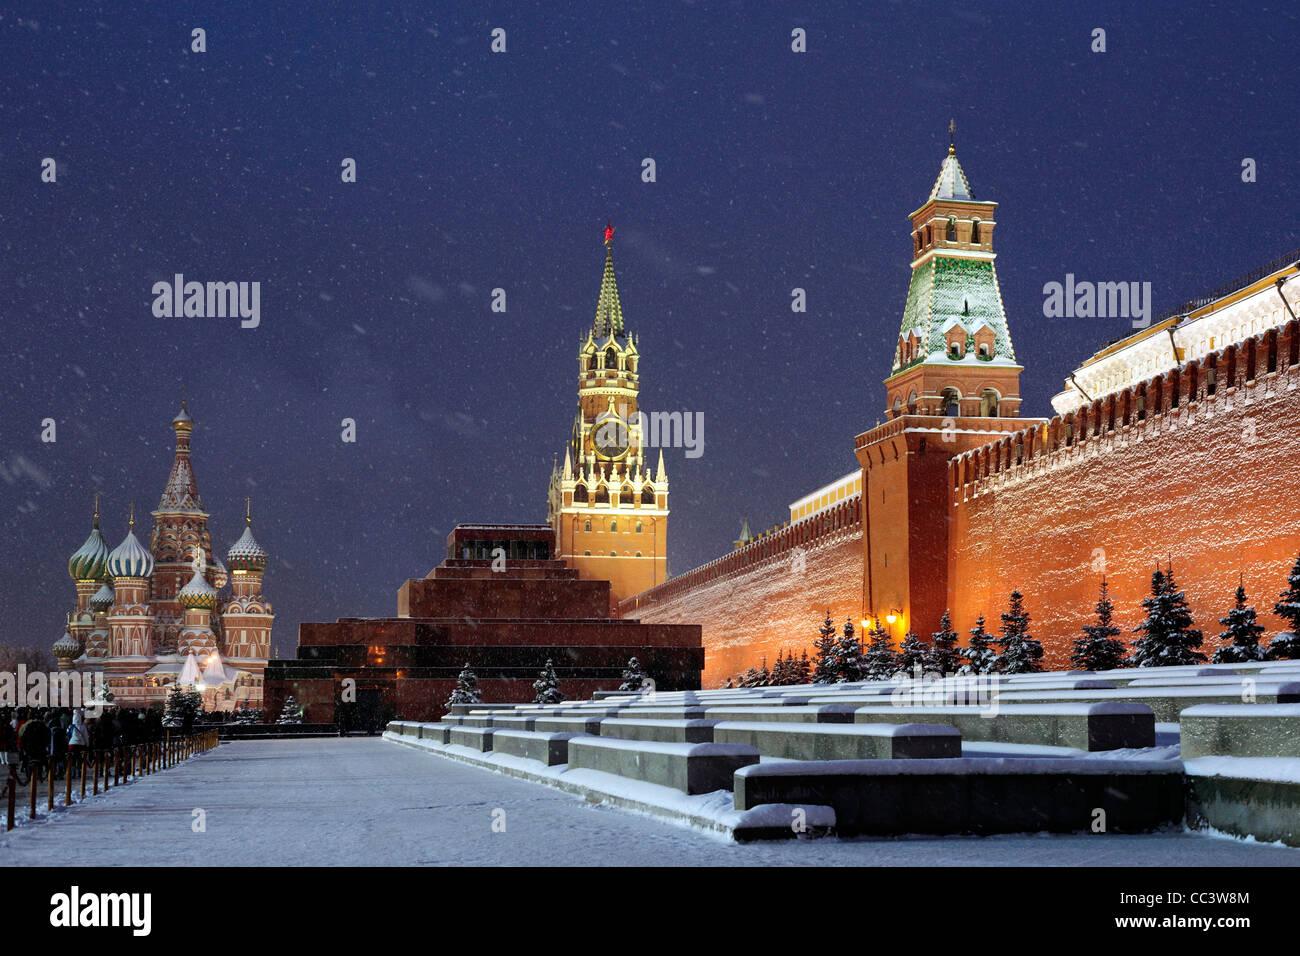 Catedral de San Basilio en la noche, la Plaza Roja, Moscú, Rusia Imagen De Stock